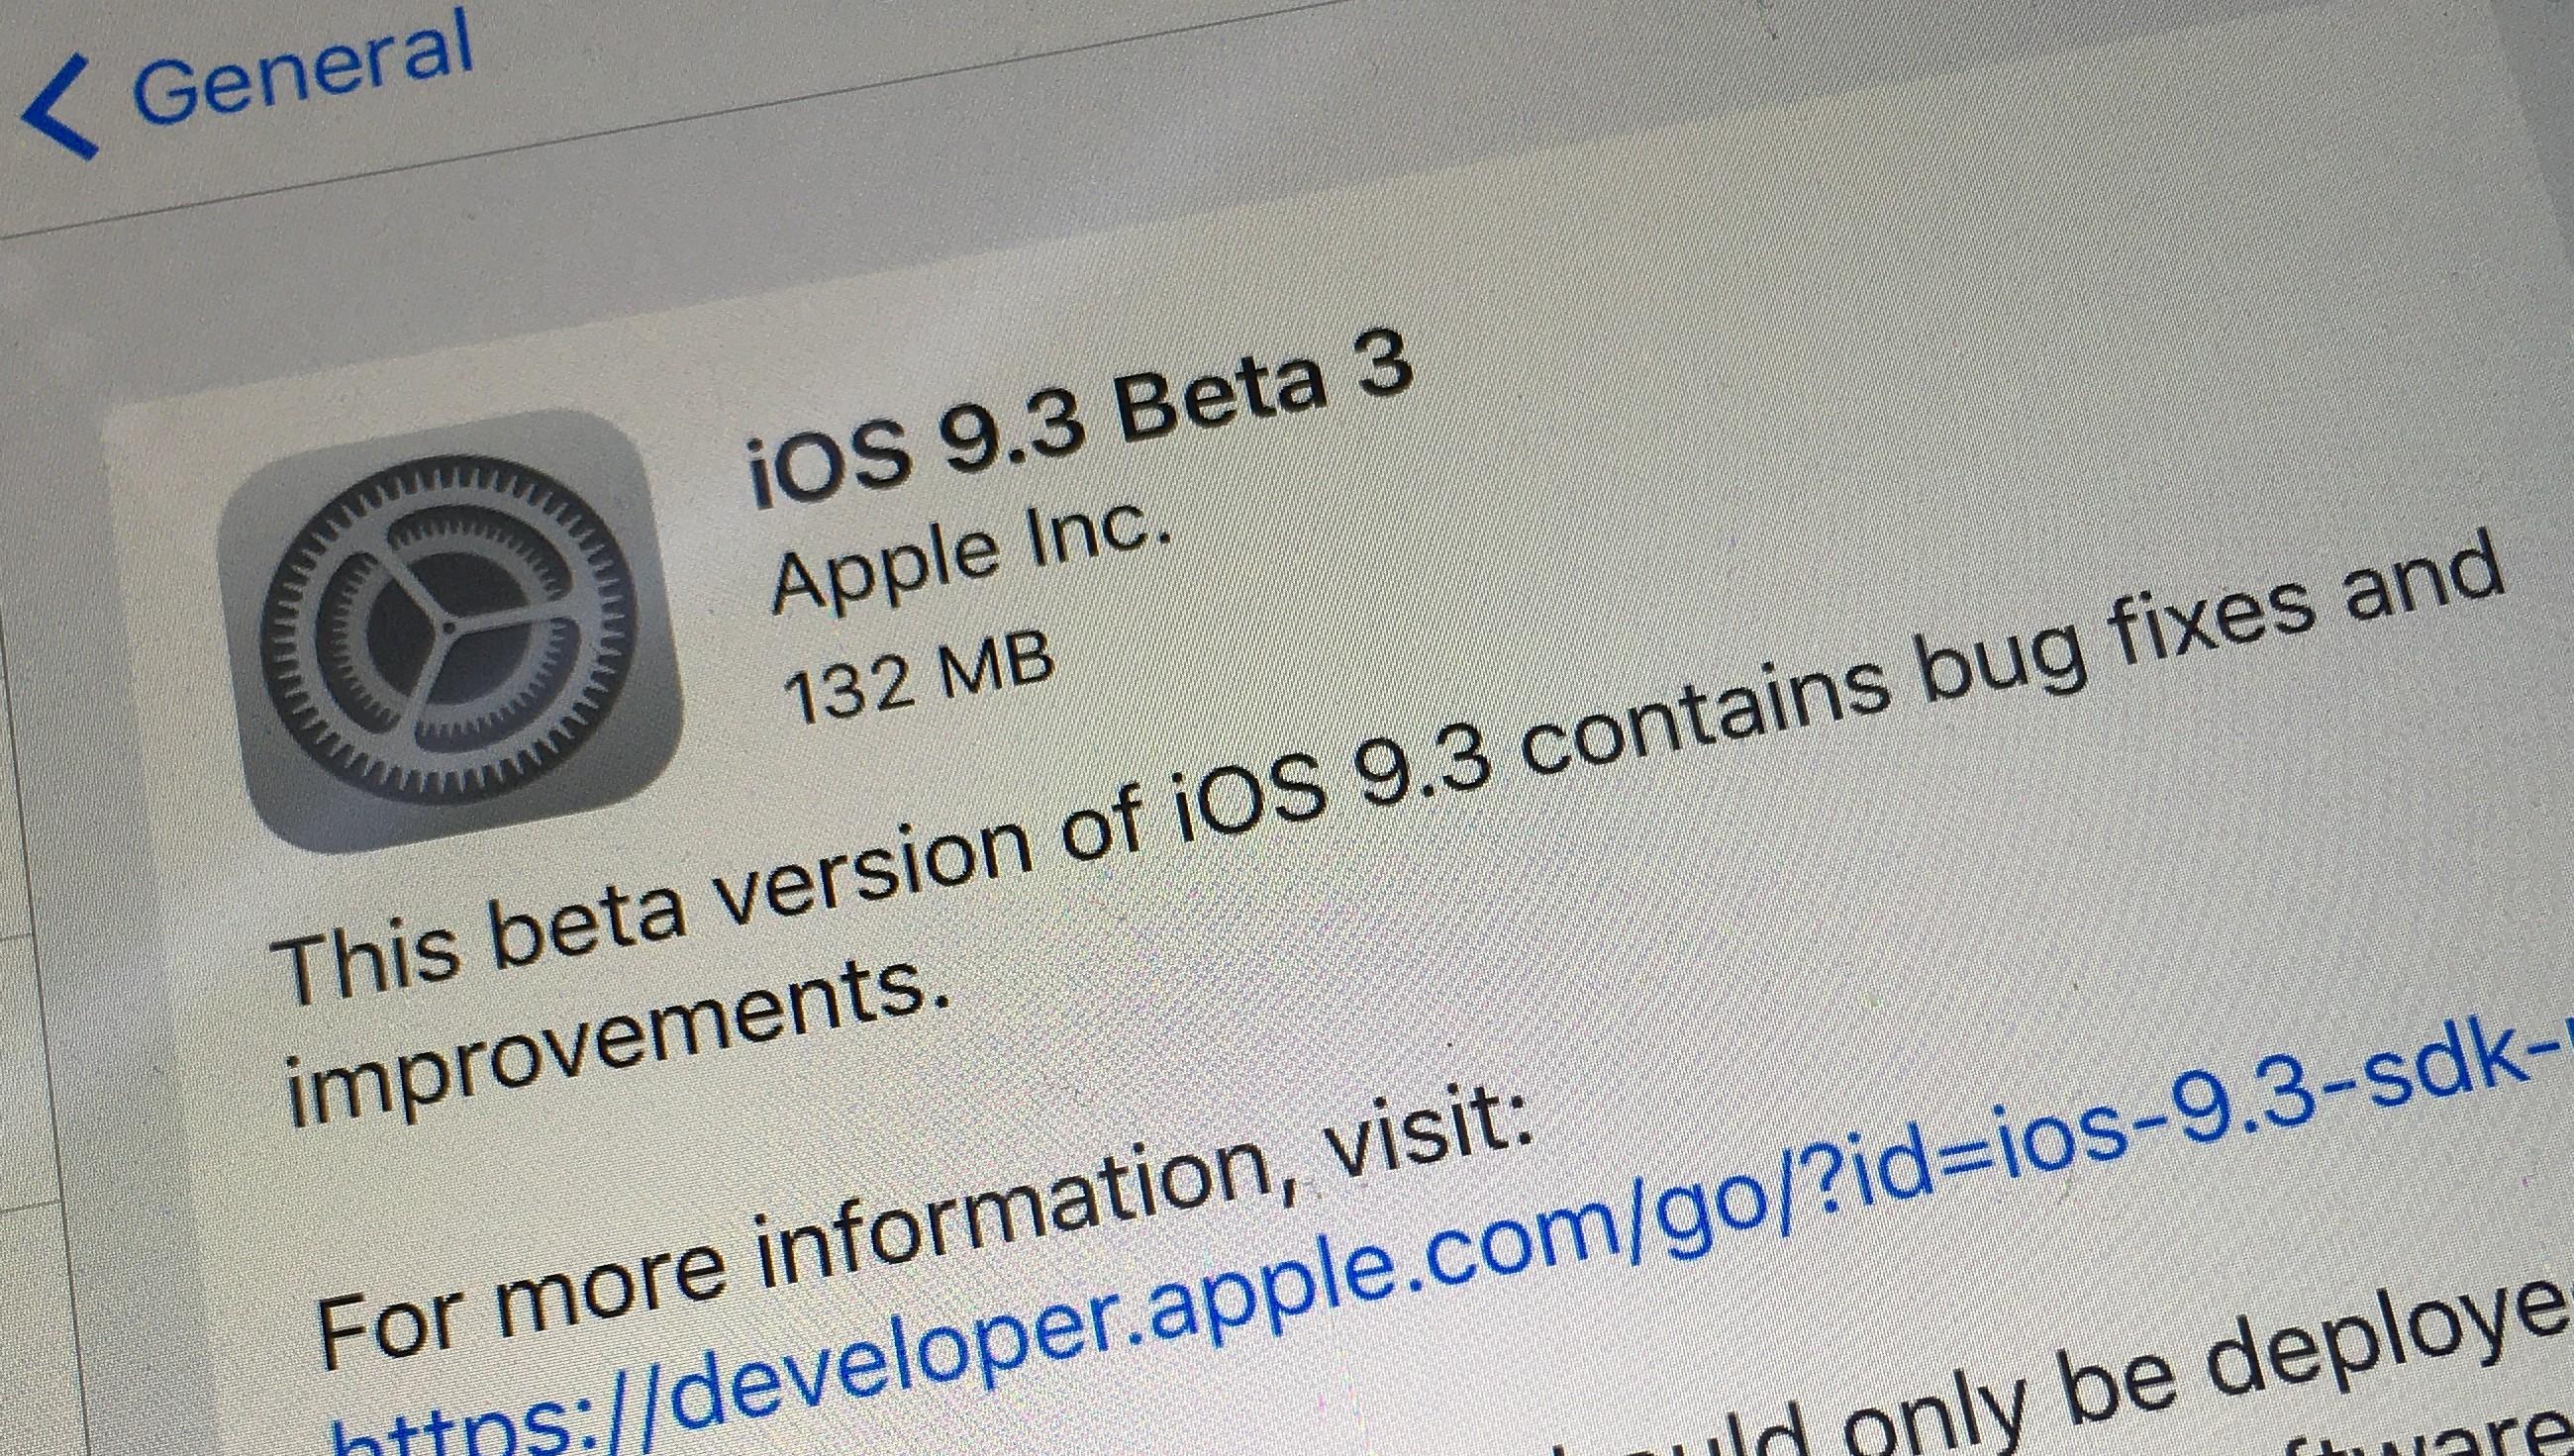 Er du registrert utvikler er det bare å installere iOS 9.3 beta 3 på iOS-enhetene dine nå. Er du ikke utvikler må du vente noen dager på beta 3.